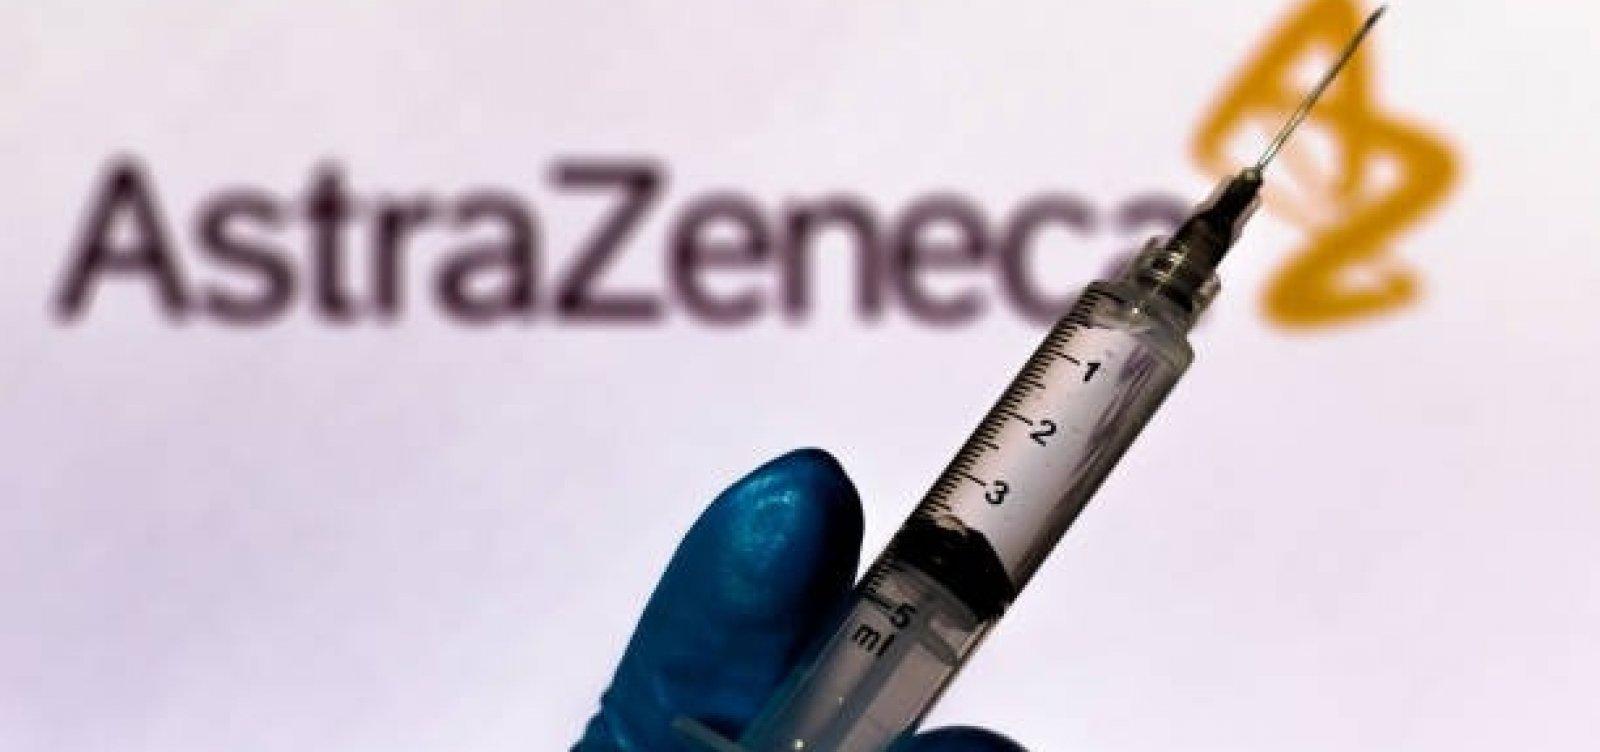 Com baixo estoque da AstraZeneca, Ministério da Saúde libera 2ª dose com Pfizer